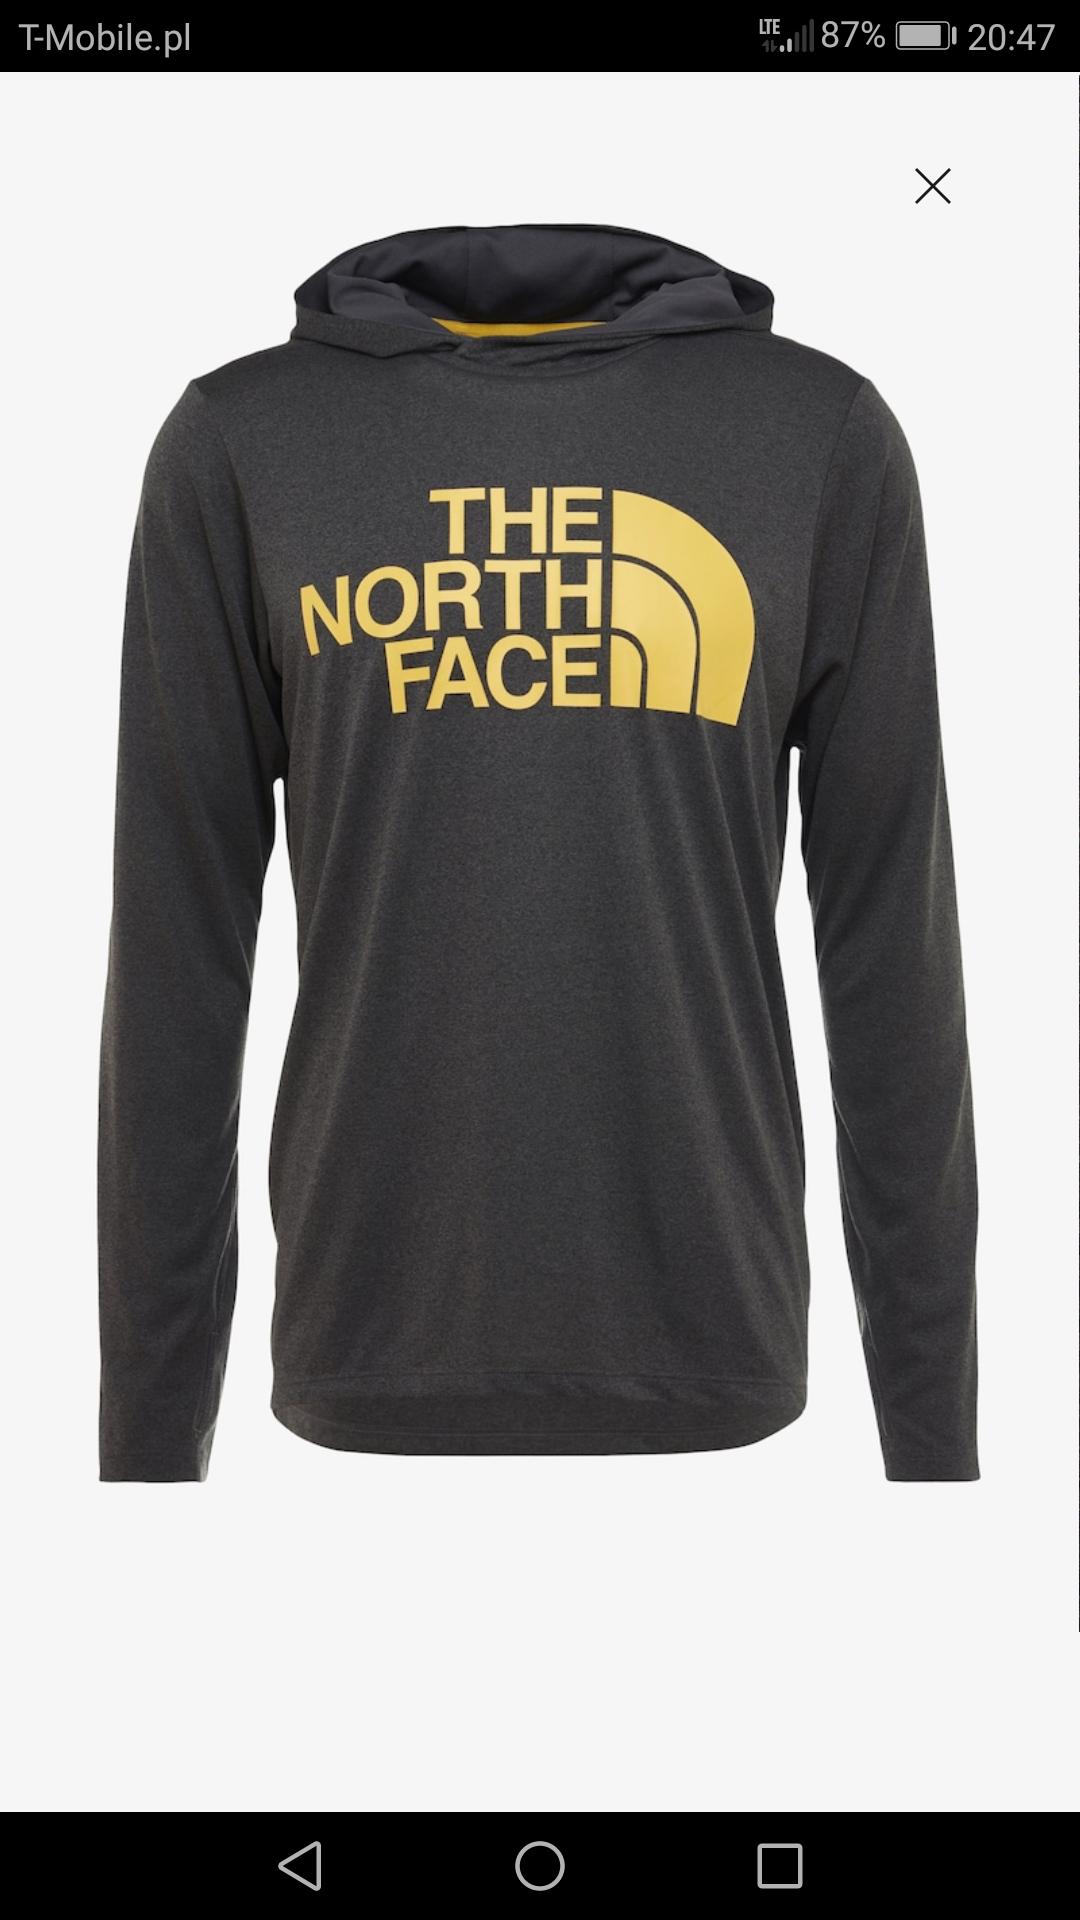 The North Face męska bluza,klapki Lewis,szorty,bluza GAP